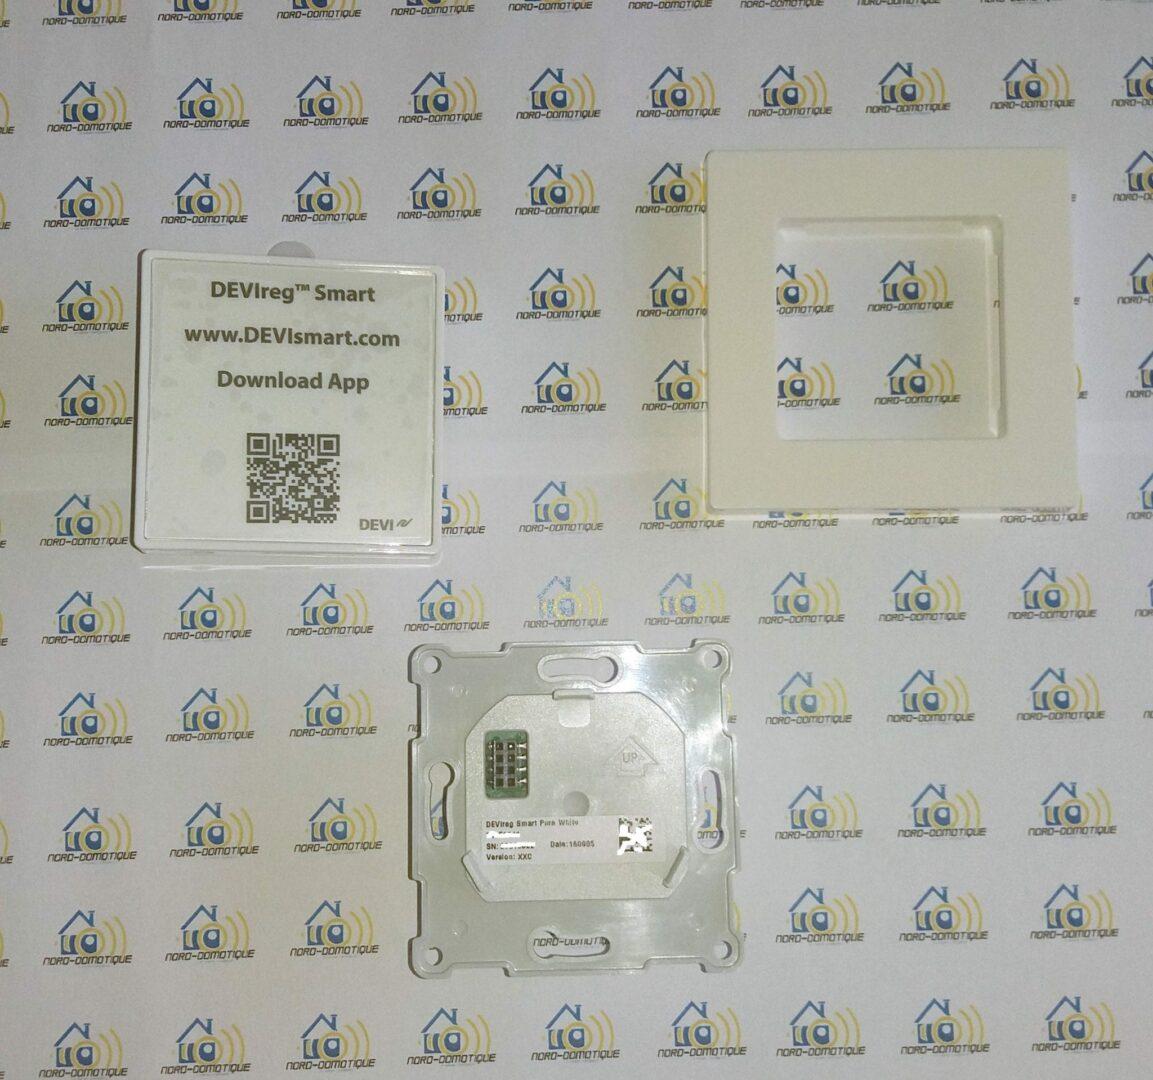 06 Le DEVIreg Smart, un thermostat connecté par Deleage / Danfoss